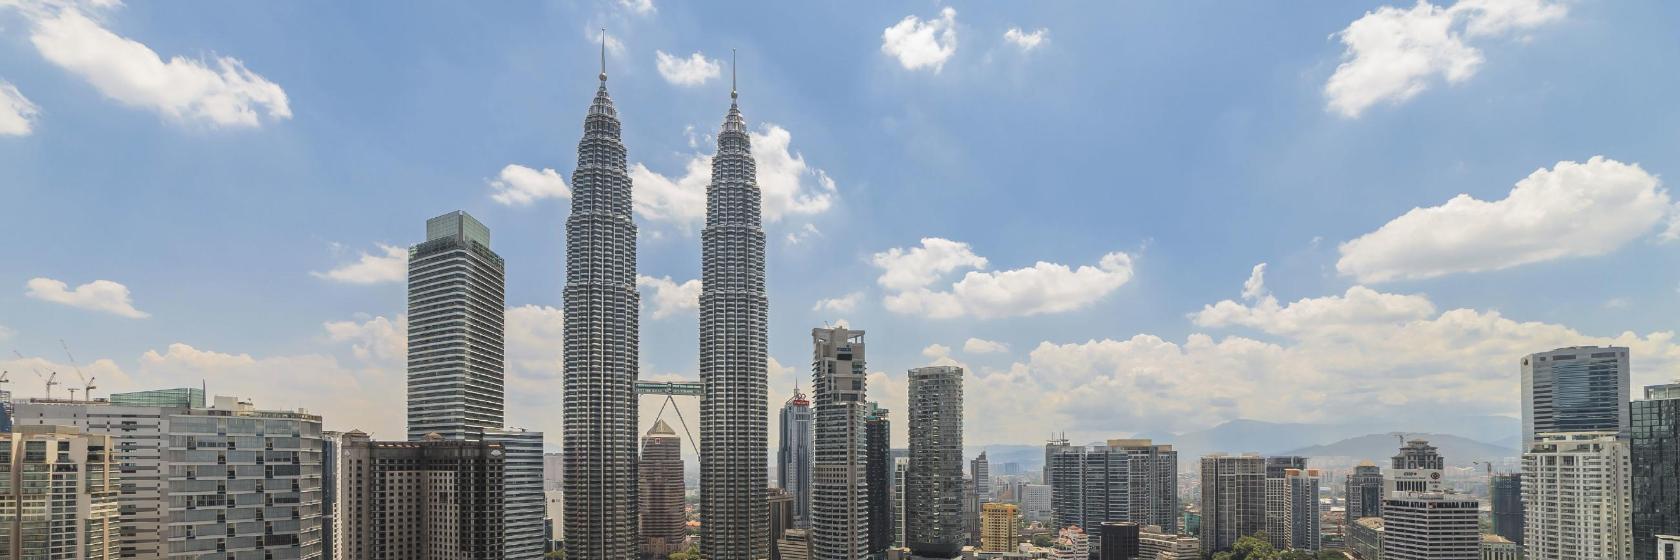 Kuala Lumpur (کوالالامپور)